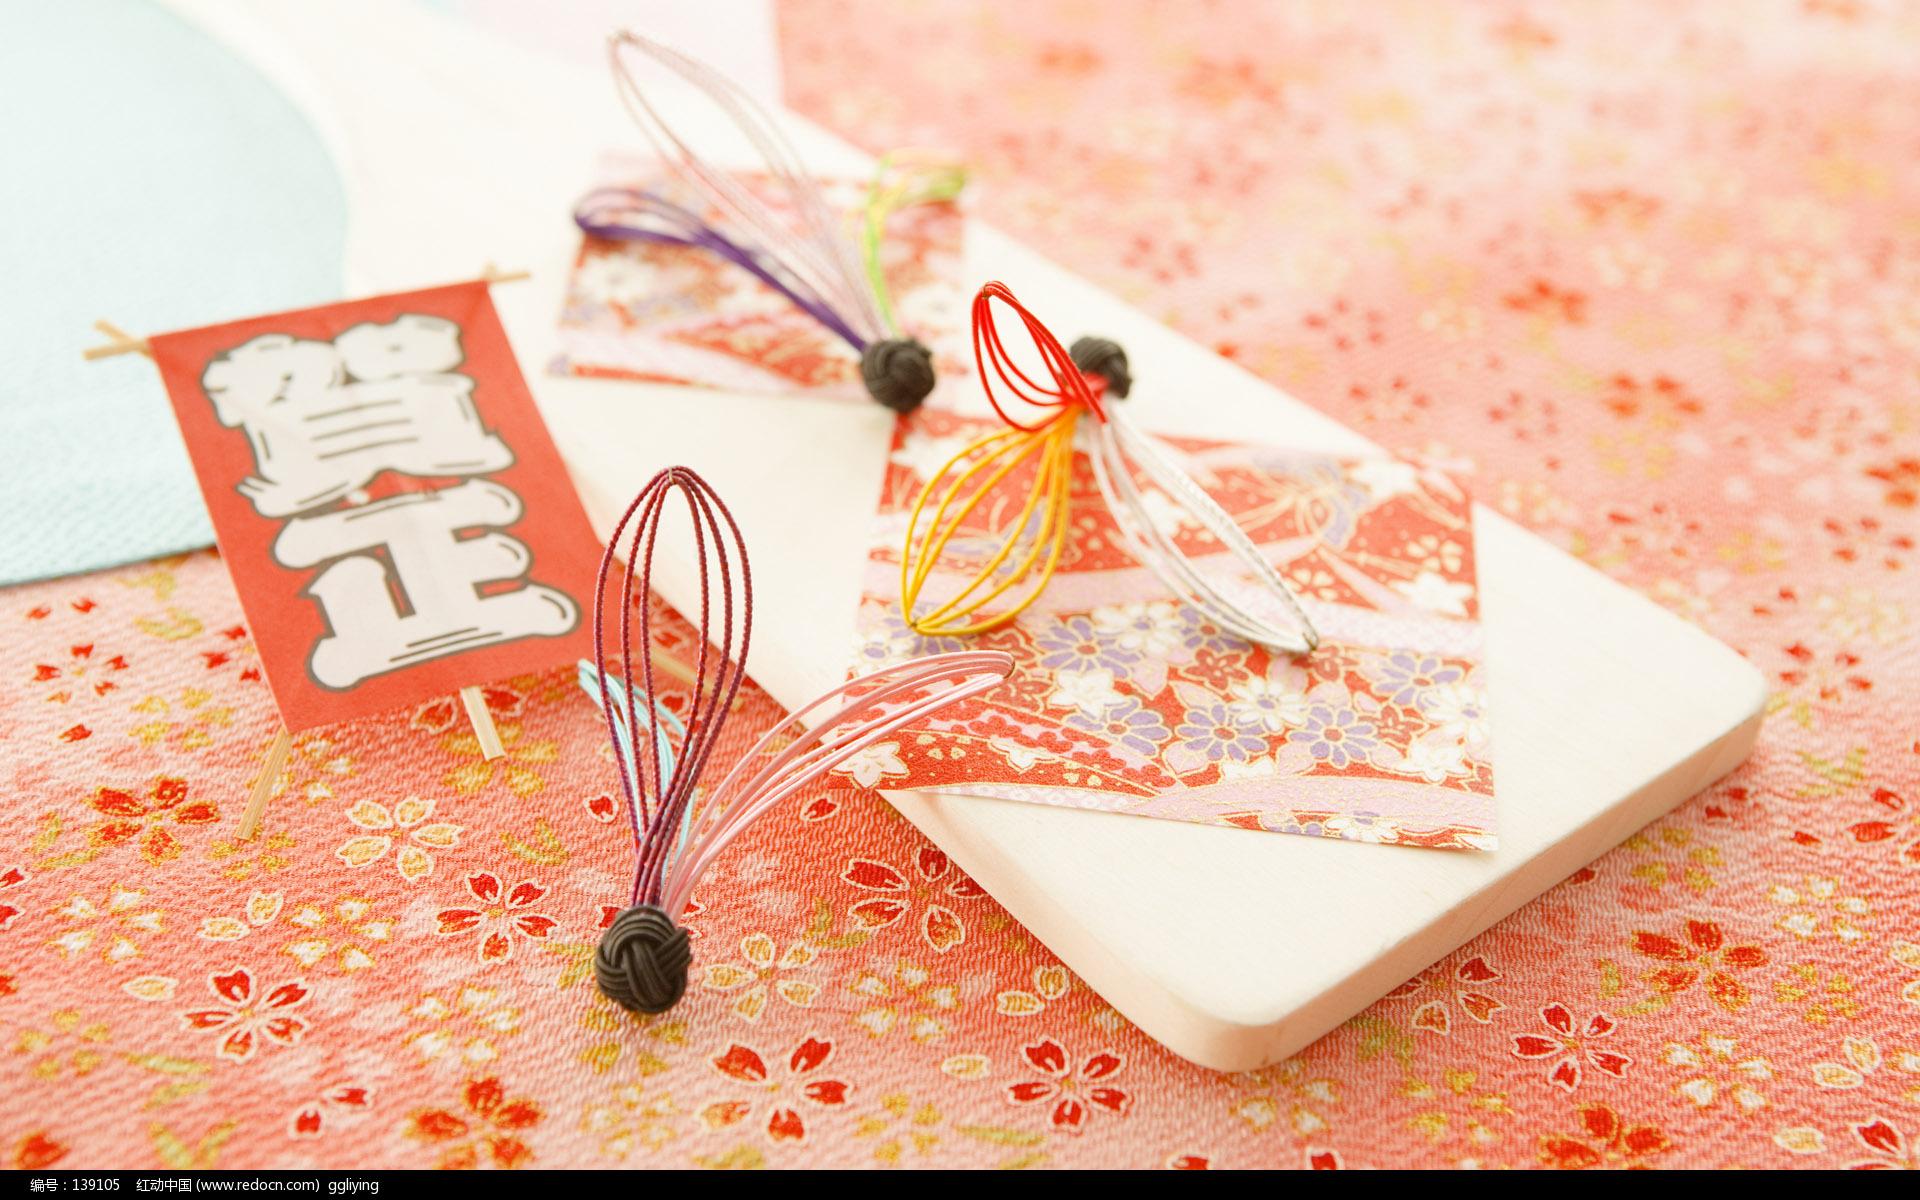 日本新年壁纸图片